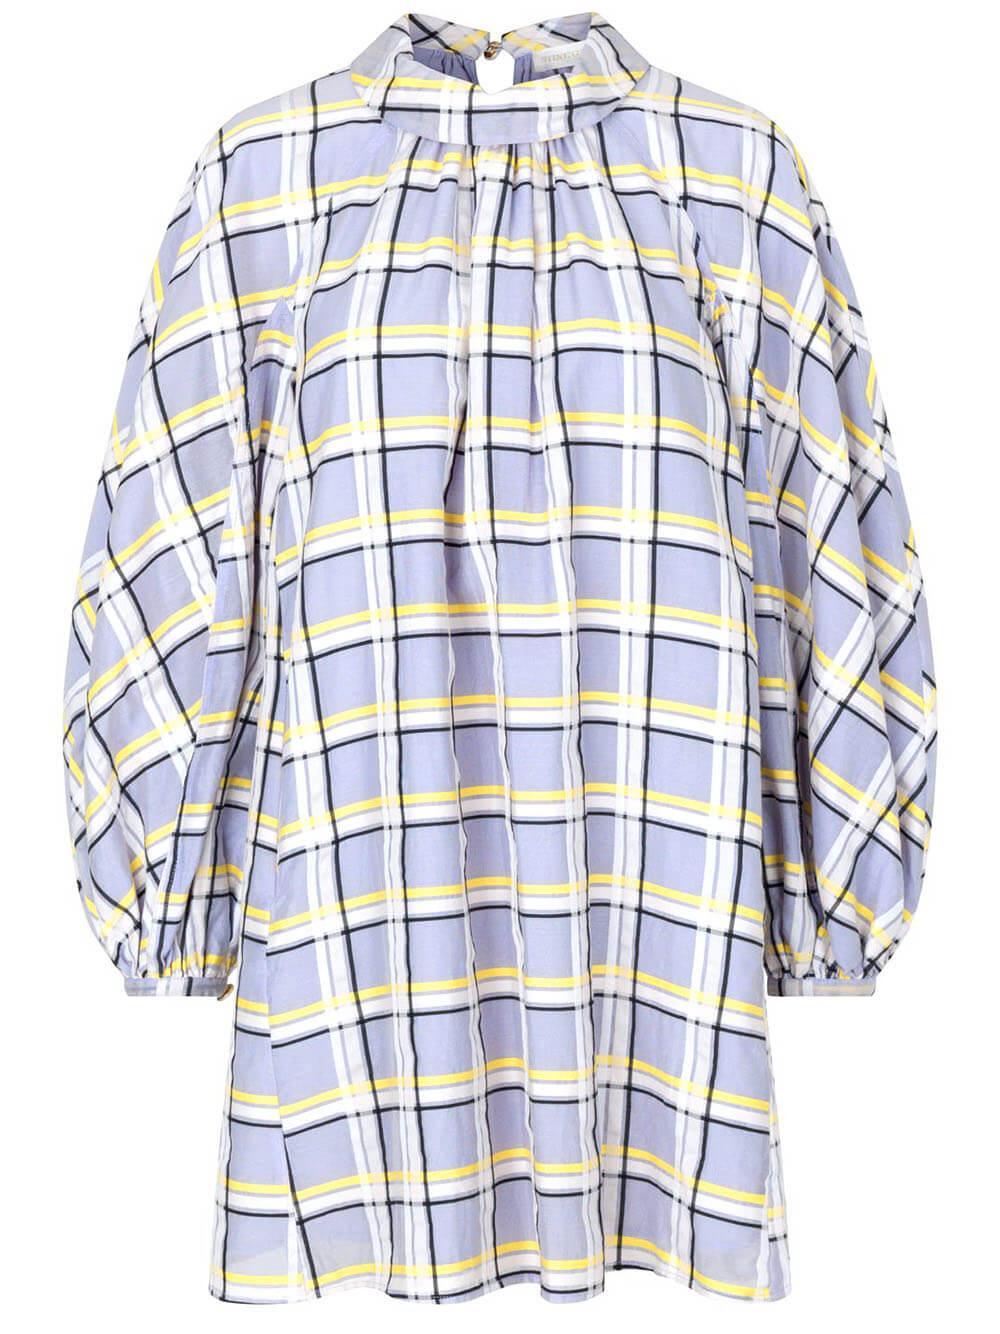 Samantha Dress Item # SG3567